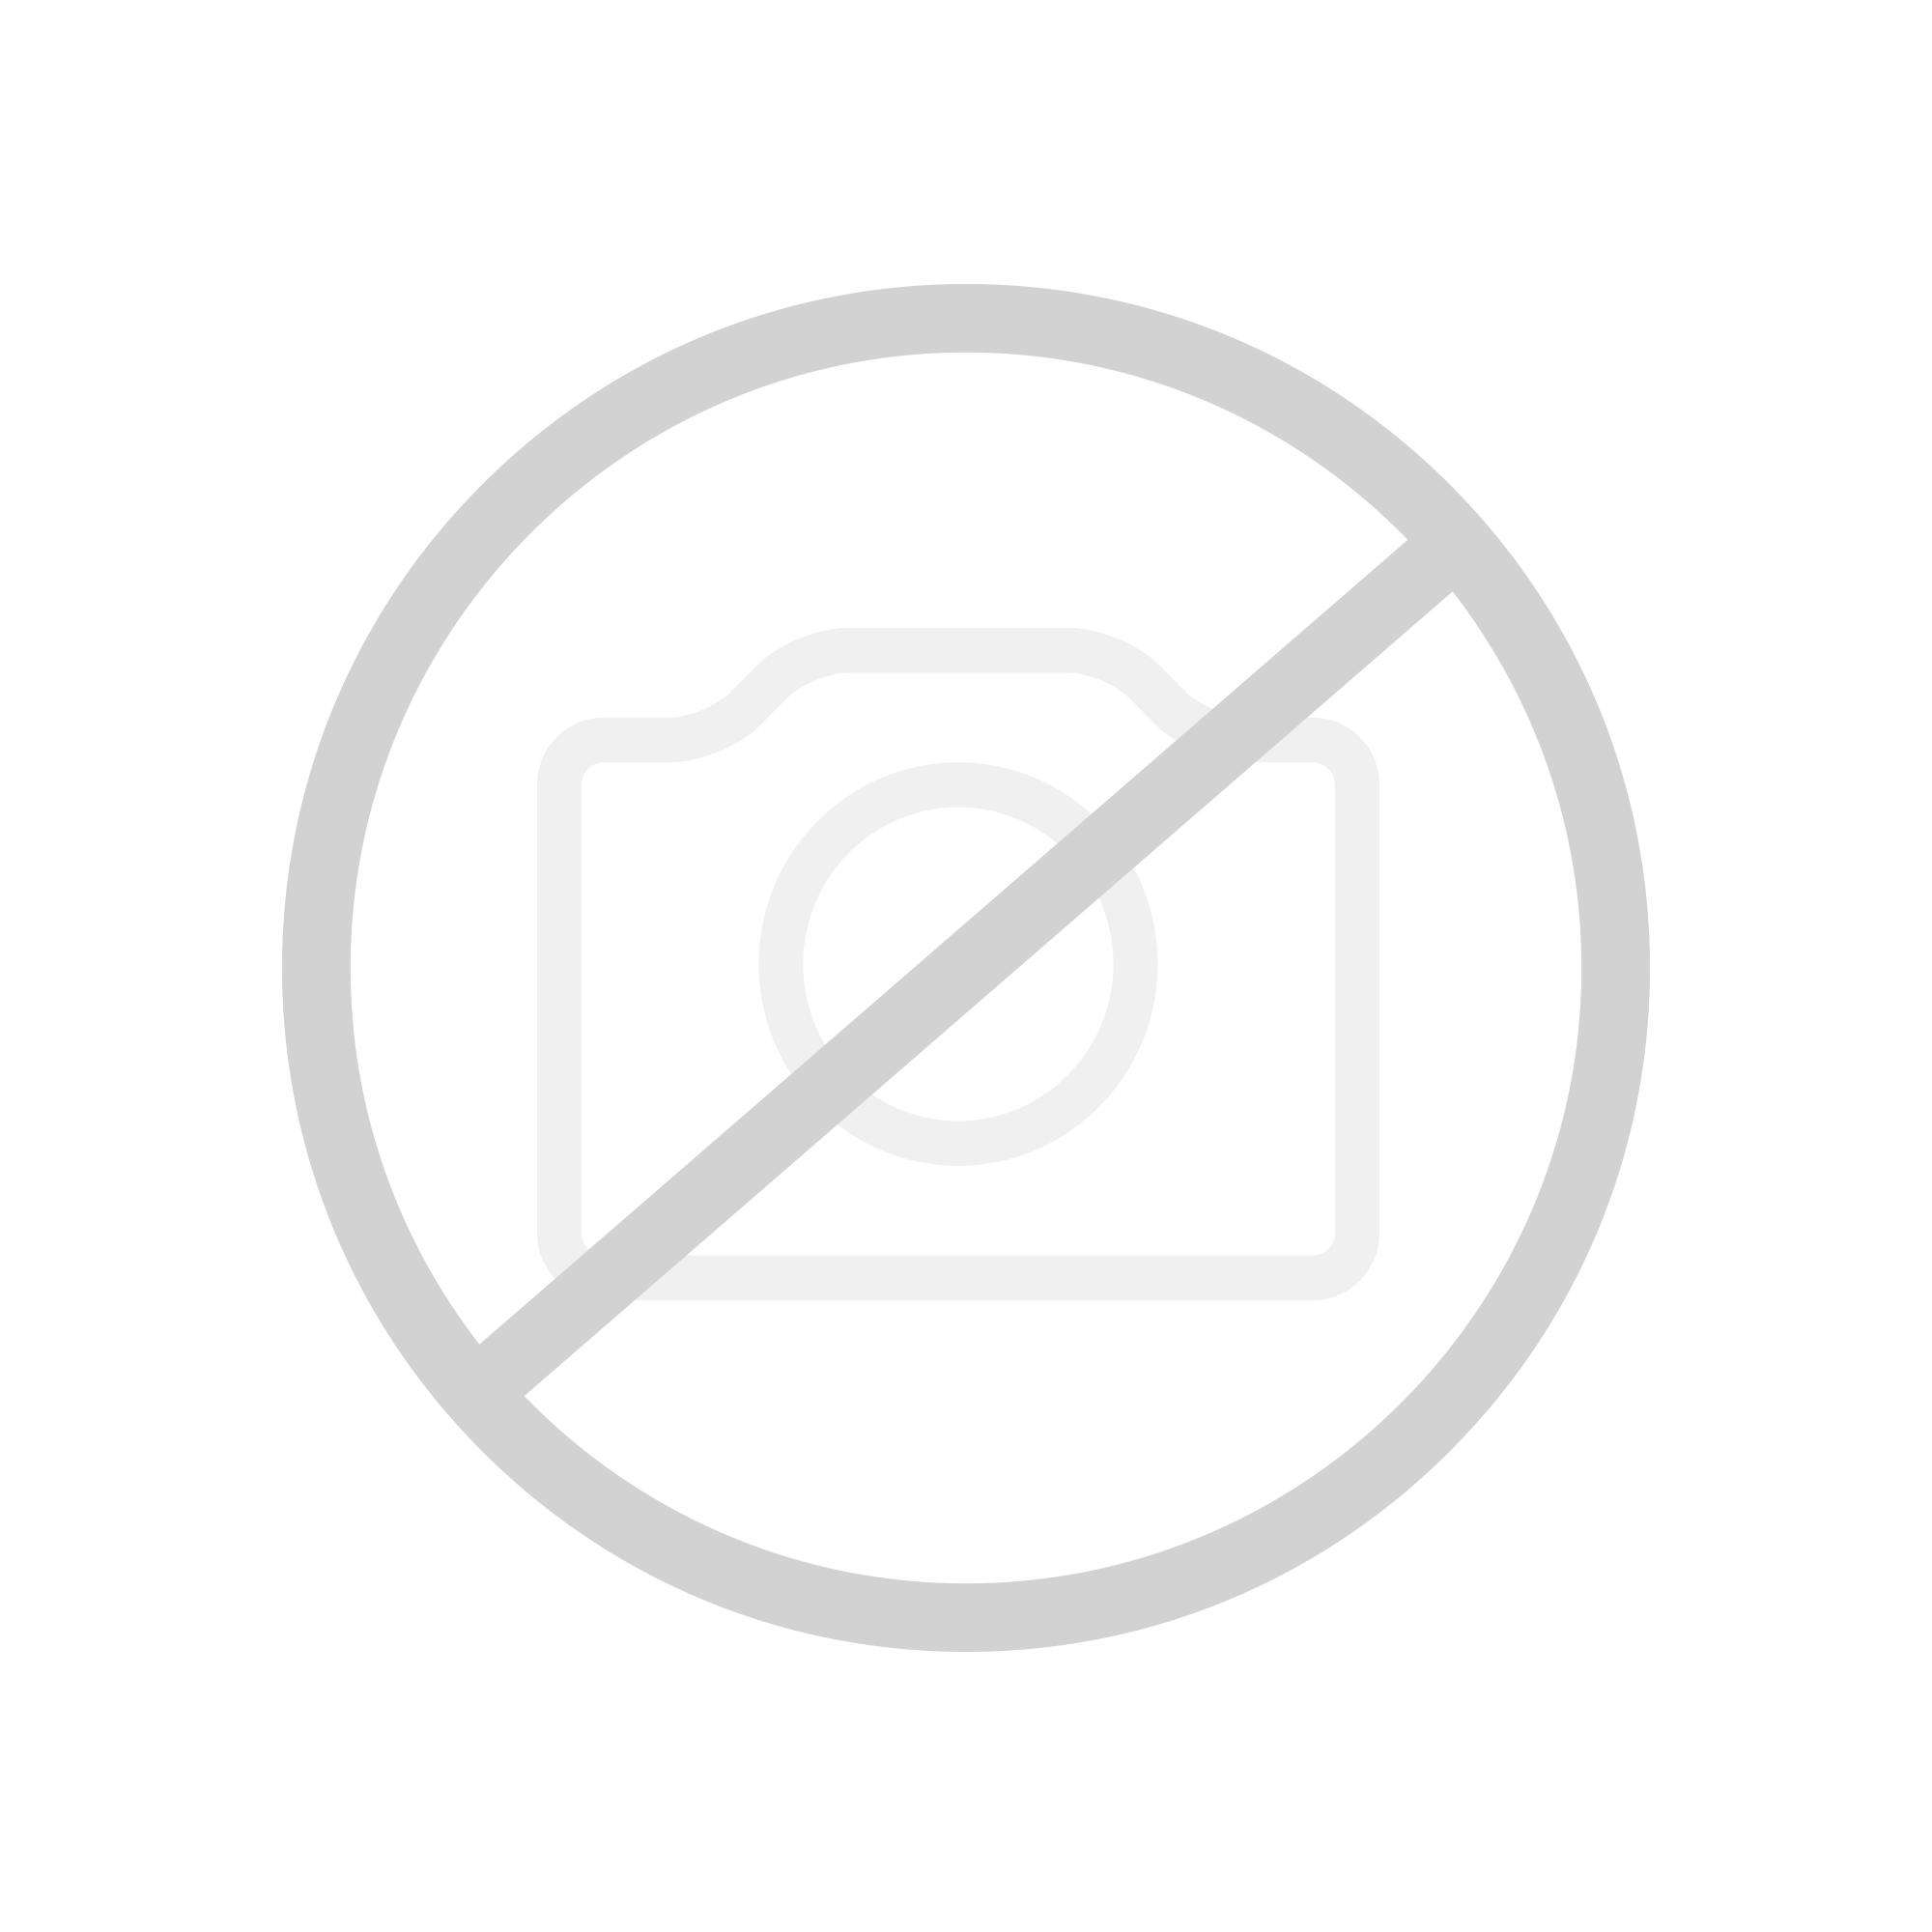 keramag icon keramik sp lkasten zulauf seitlich links rechts wei 229420000 reuter onlineshop. Black Bedroom Furniture Sets. Home Design Ideas